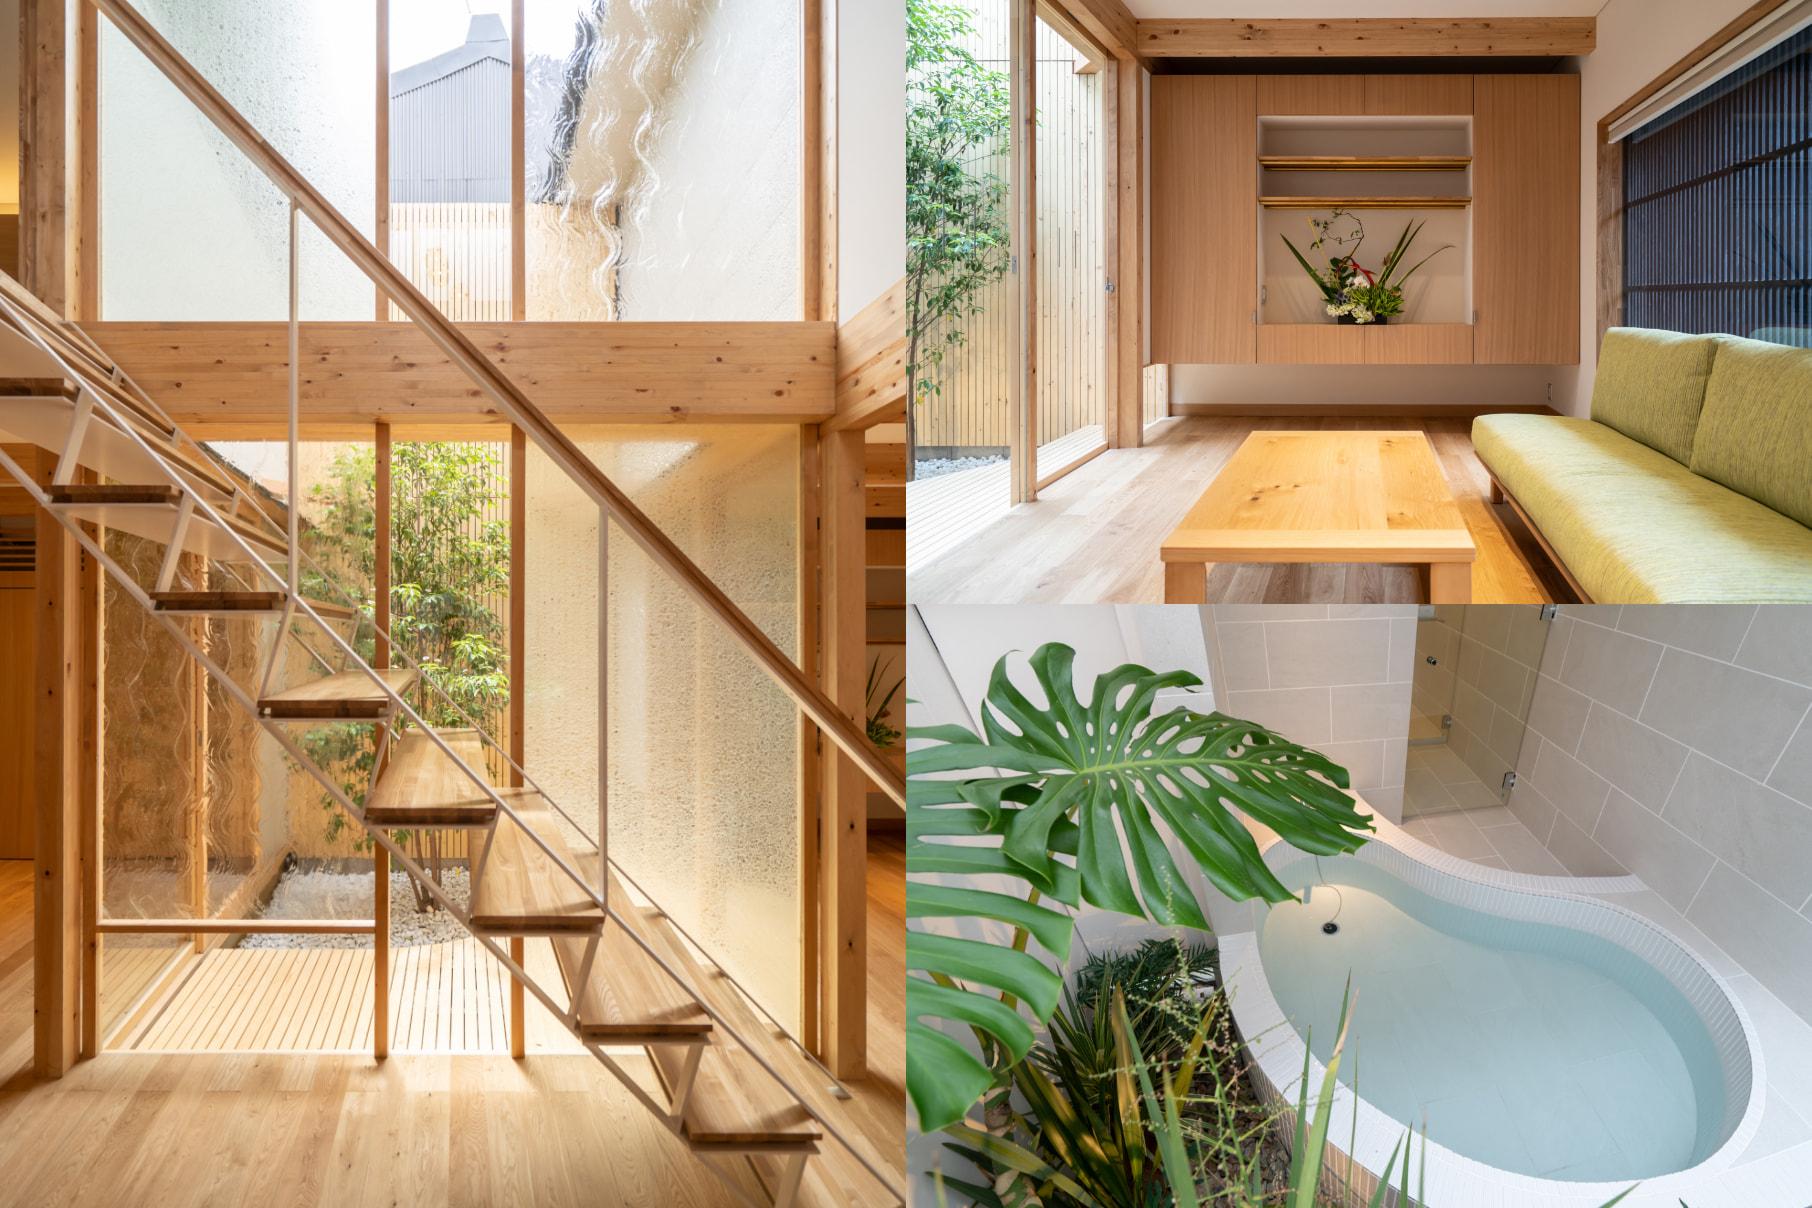 京都ゲストハウス 露天風呂付きヴィラ 別邸樹下